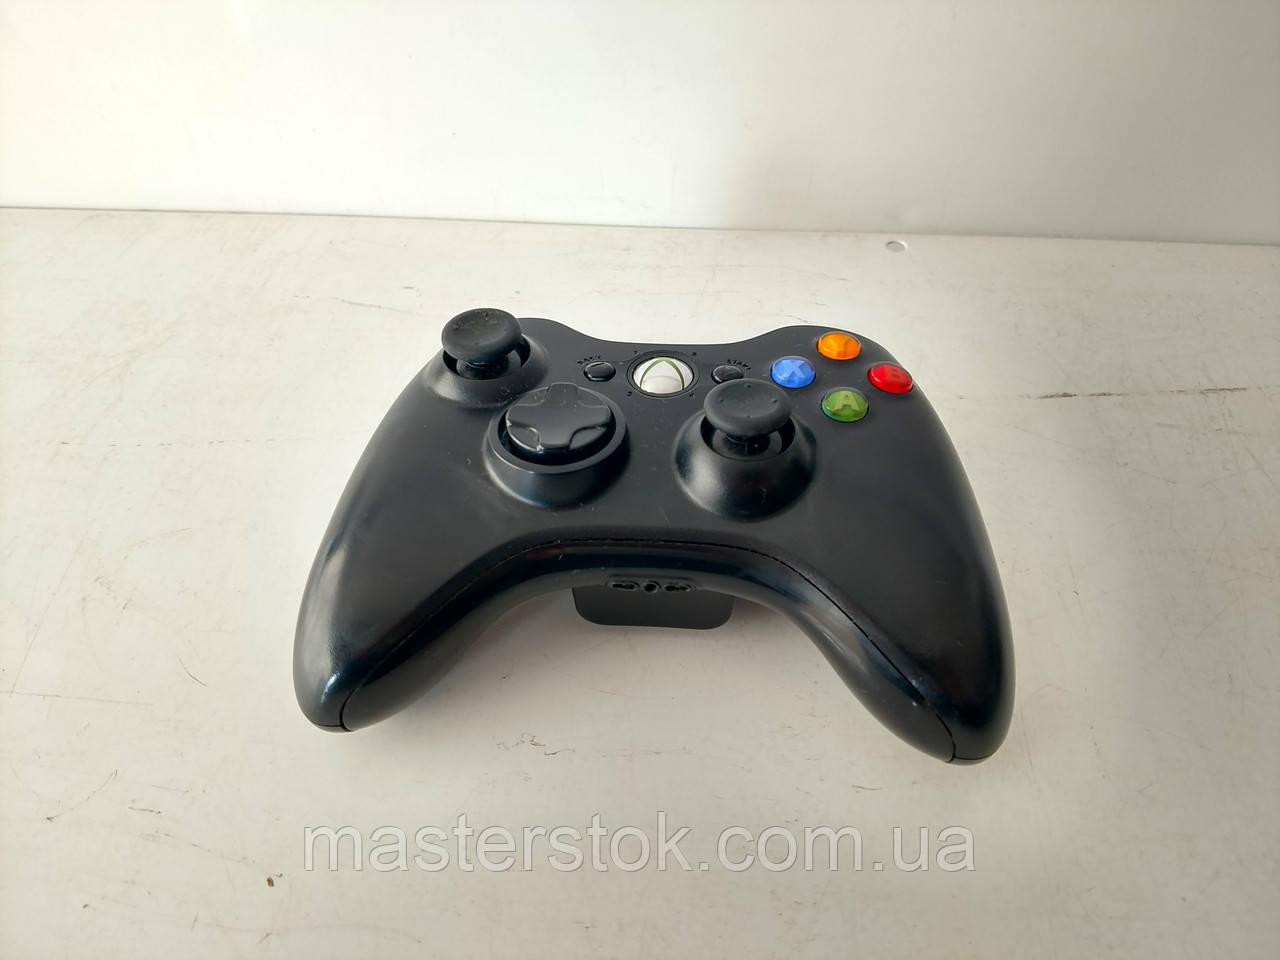 Беспроводные черные оригинальные джойстики для Xbox 360 3